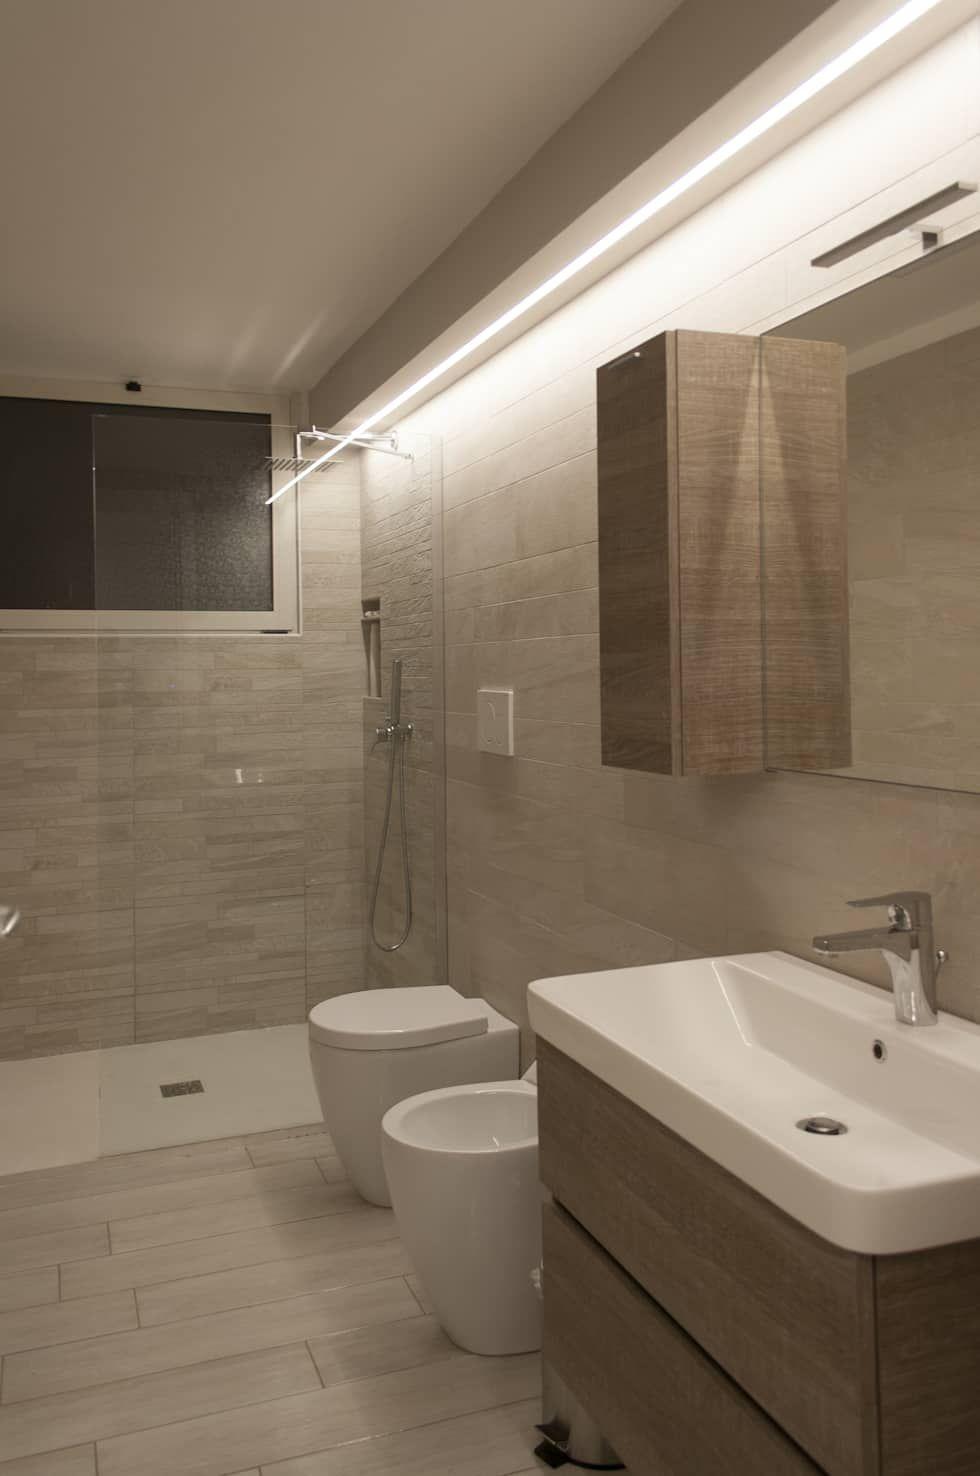 Immagini Di Bagni Moderni arredo bagno stile moderno